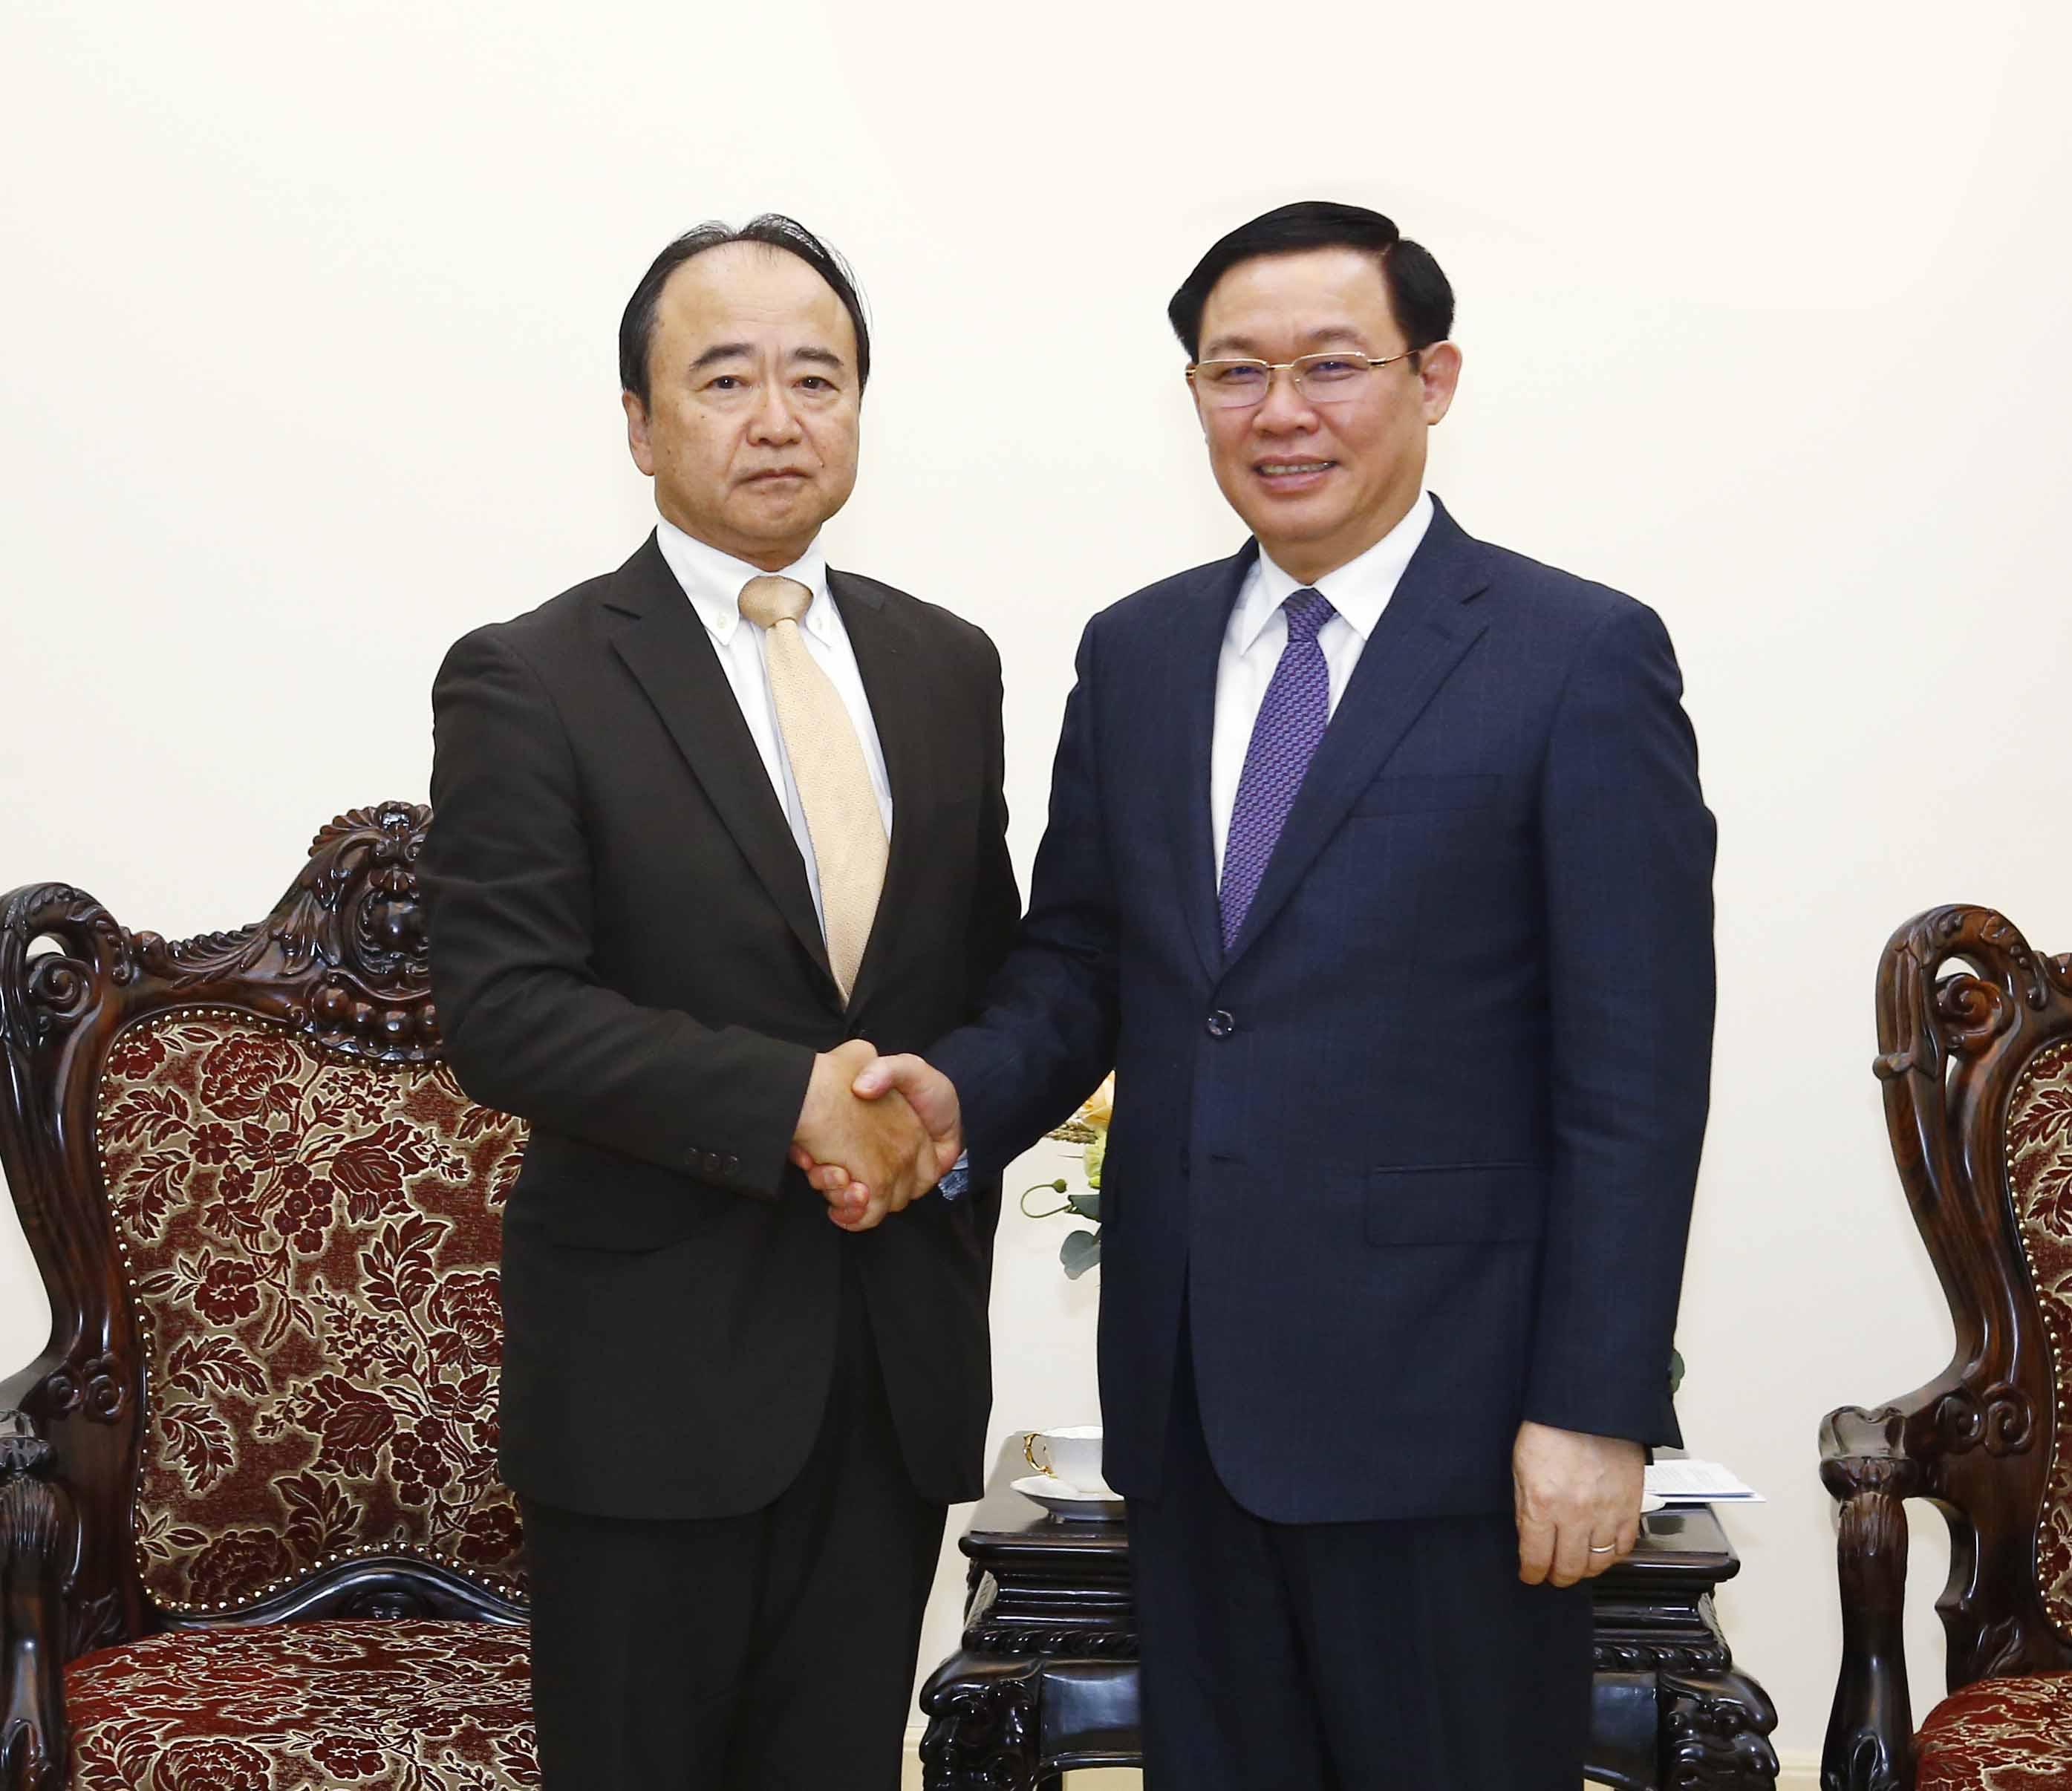 Phó Thủ tướng Vương Đình Huệ tiếp Chủ tịch Công ty dịch vụ tài chính AEON